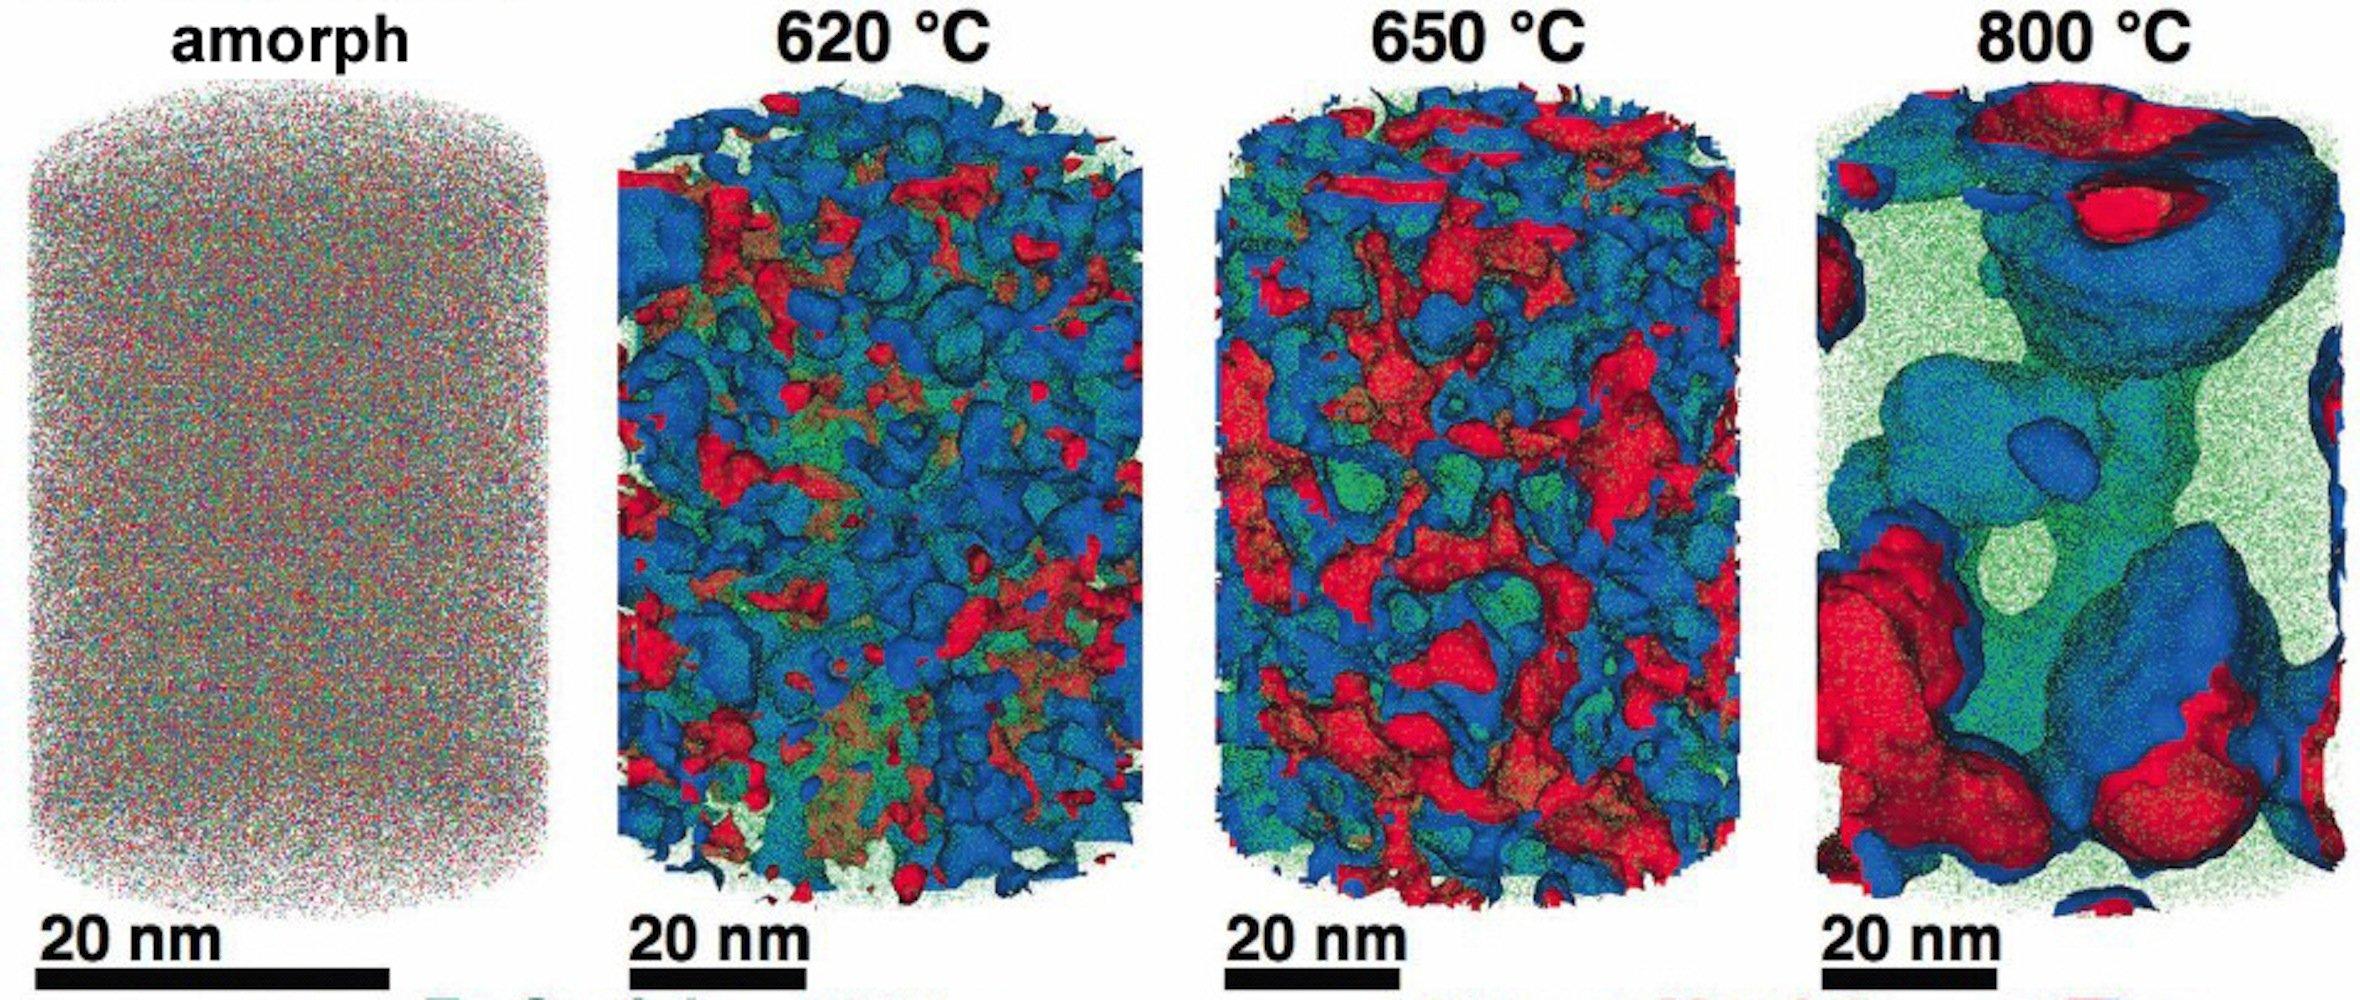 Die Nanostruktur von Stahl ist entscheidend für seine Korrosionsbeständigkeit: Die Verteilung von Eisen (grün), Chrom (blau), Molybdän (rot), Kohlenstoff und Bor hängt von der Temperatur ab, der sie zuvor ausgesetzt war. In amorphem Stahl (l.) mit ungeordneter Struktur sind die Elemente gleichmäßig verteilt. In den Proben, die mit 620 und 650 Grad behandelt wurden, entmischen sich die Elemente allmählich. Es entstehen Bereiche mit jeweils mehr Eisen, Chrom oder Molybdän. Dabei bilden sich zunehmend kristalline Strukturen. Eine mit 800 Grad Celsius behandelte Probe ist völlig kristallin, wobei die mit jeweils einem Element angereicherten Areale bis zu 50 Nanometer groß sein können. Das beeinflusst die Nanostruktur stark und damit die Korrosionsbeständigkeit des Stahls.